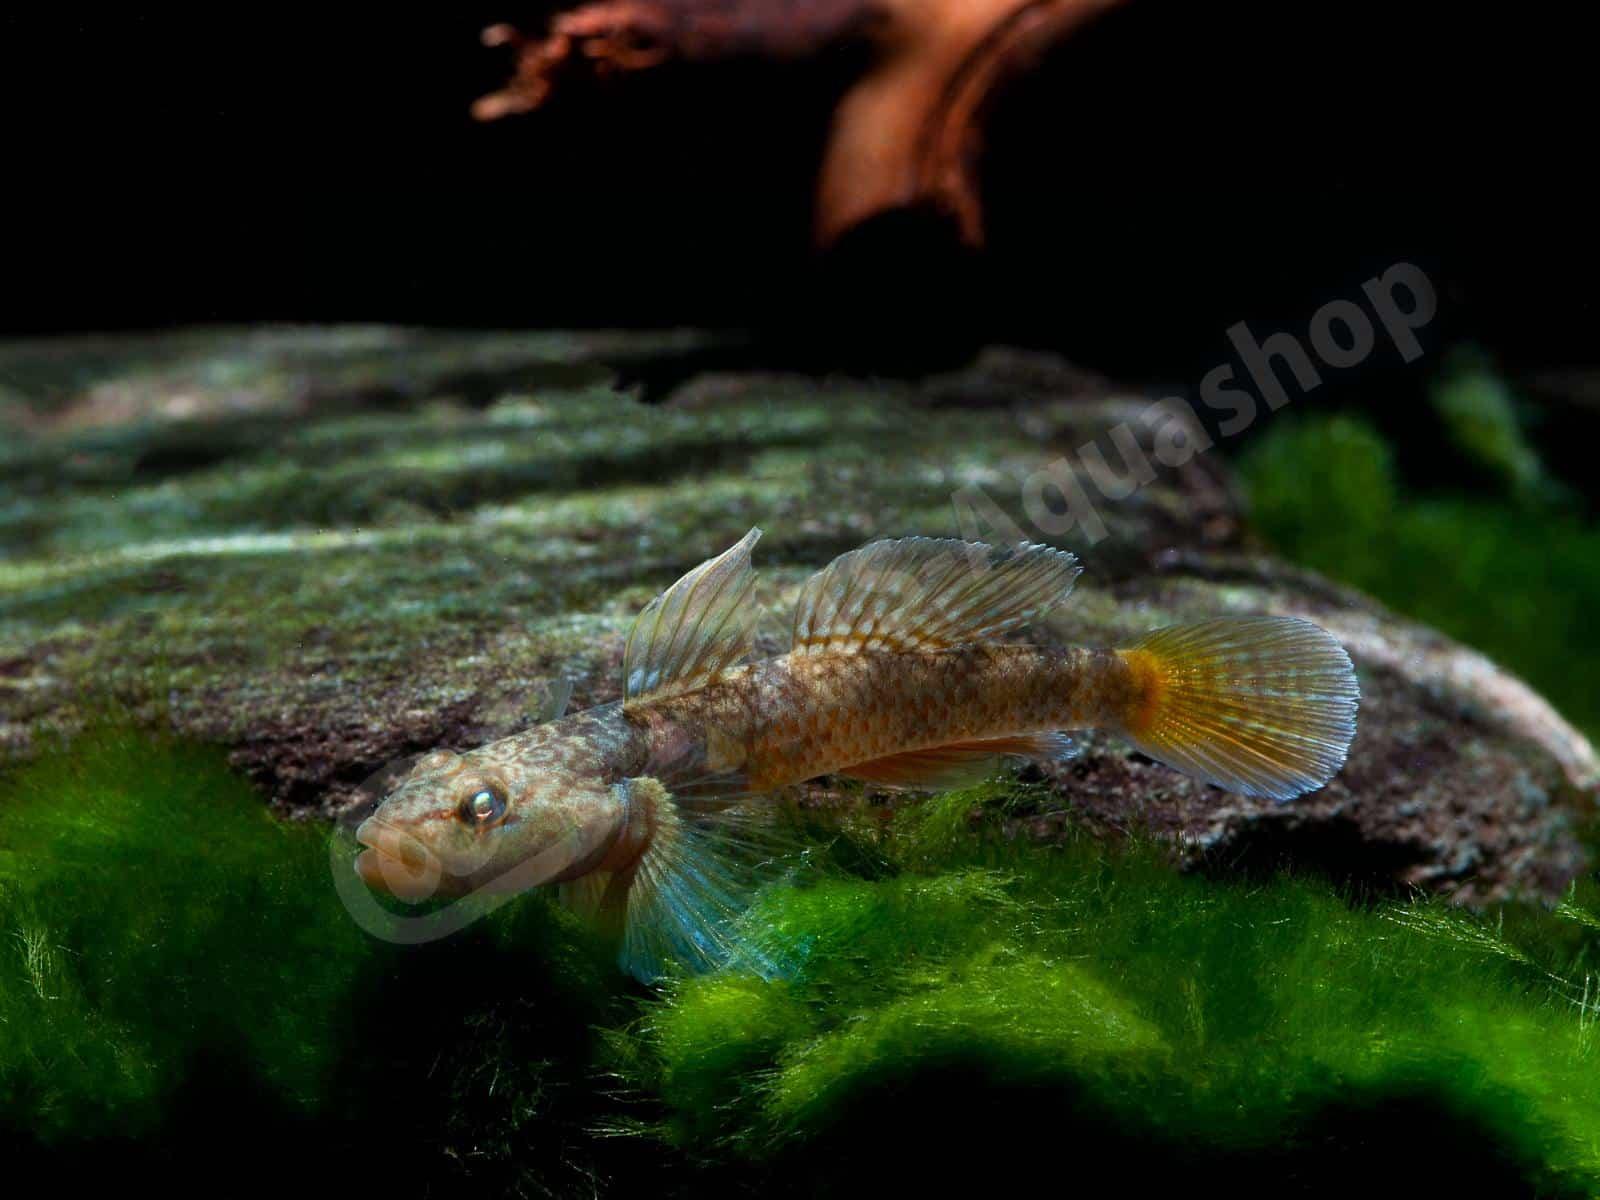 rhinogobius sp   hong kong  enrico richter 0097 6